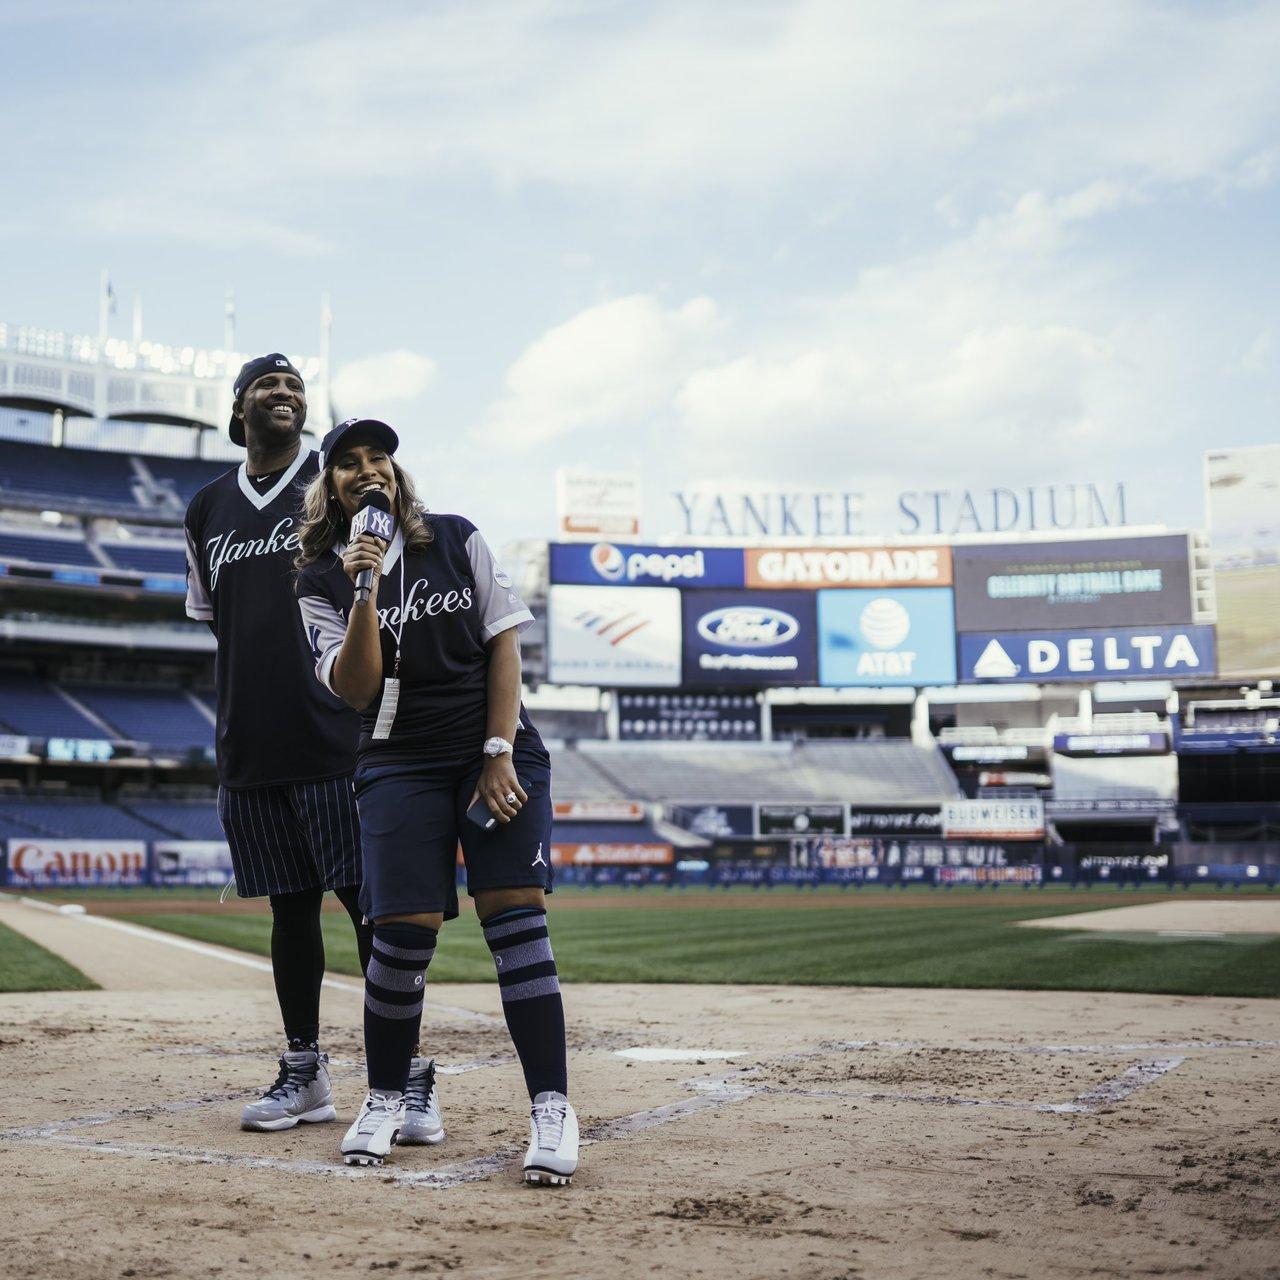 [新聞] MLB/換沙胖在家帶小孩 妻子安柏將成棒球